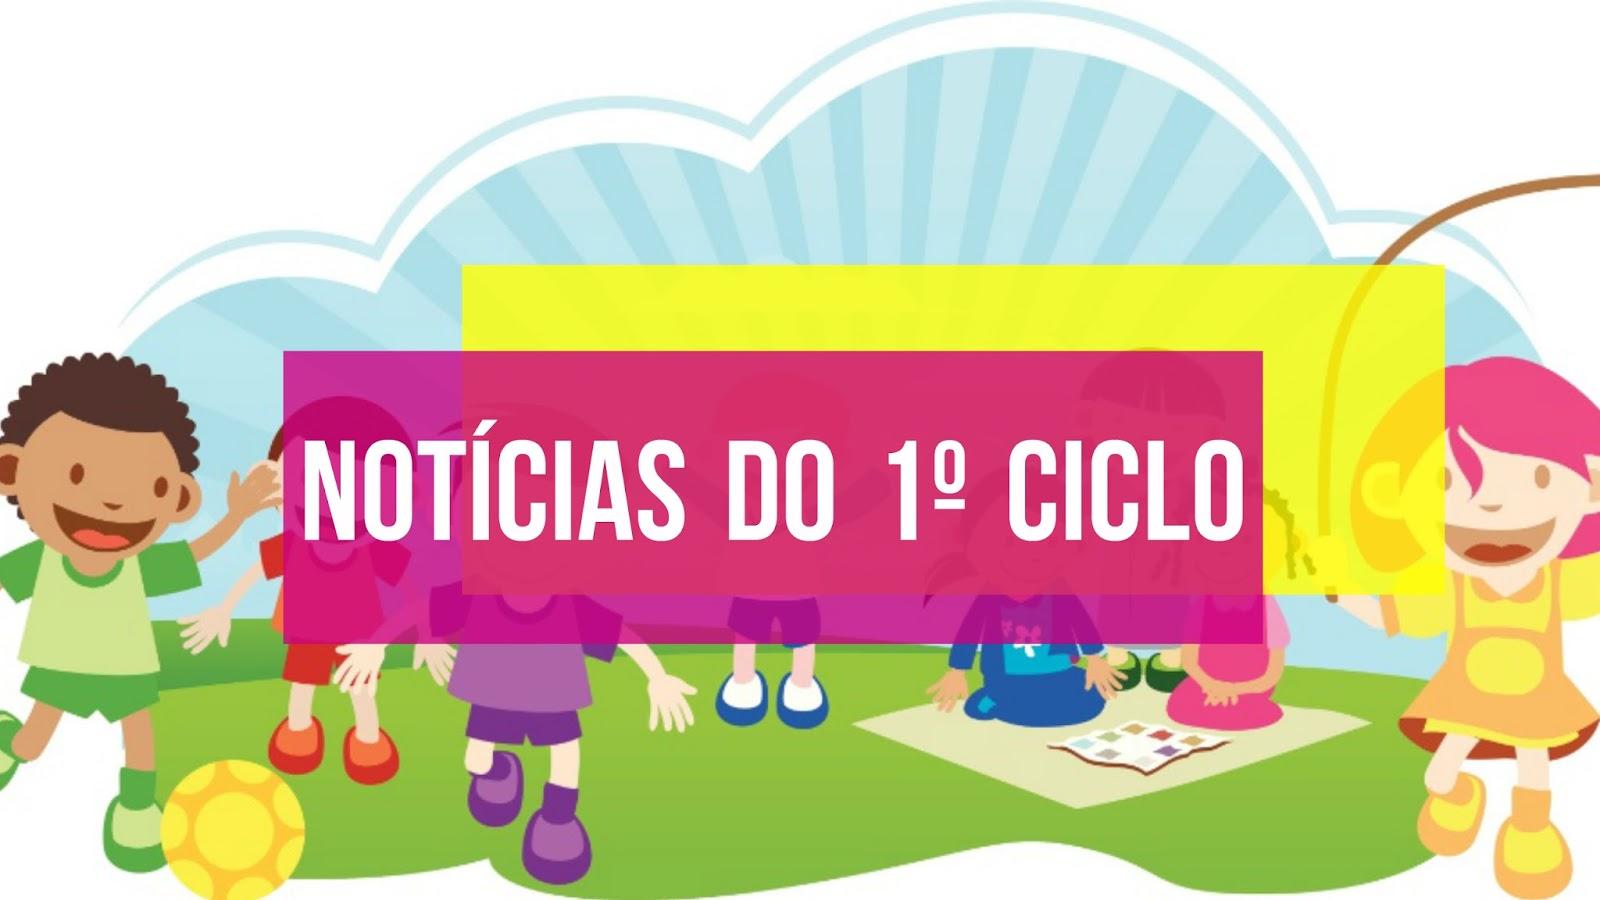 Educa o bilingue de alunos surdos for Piscina marva